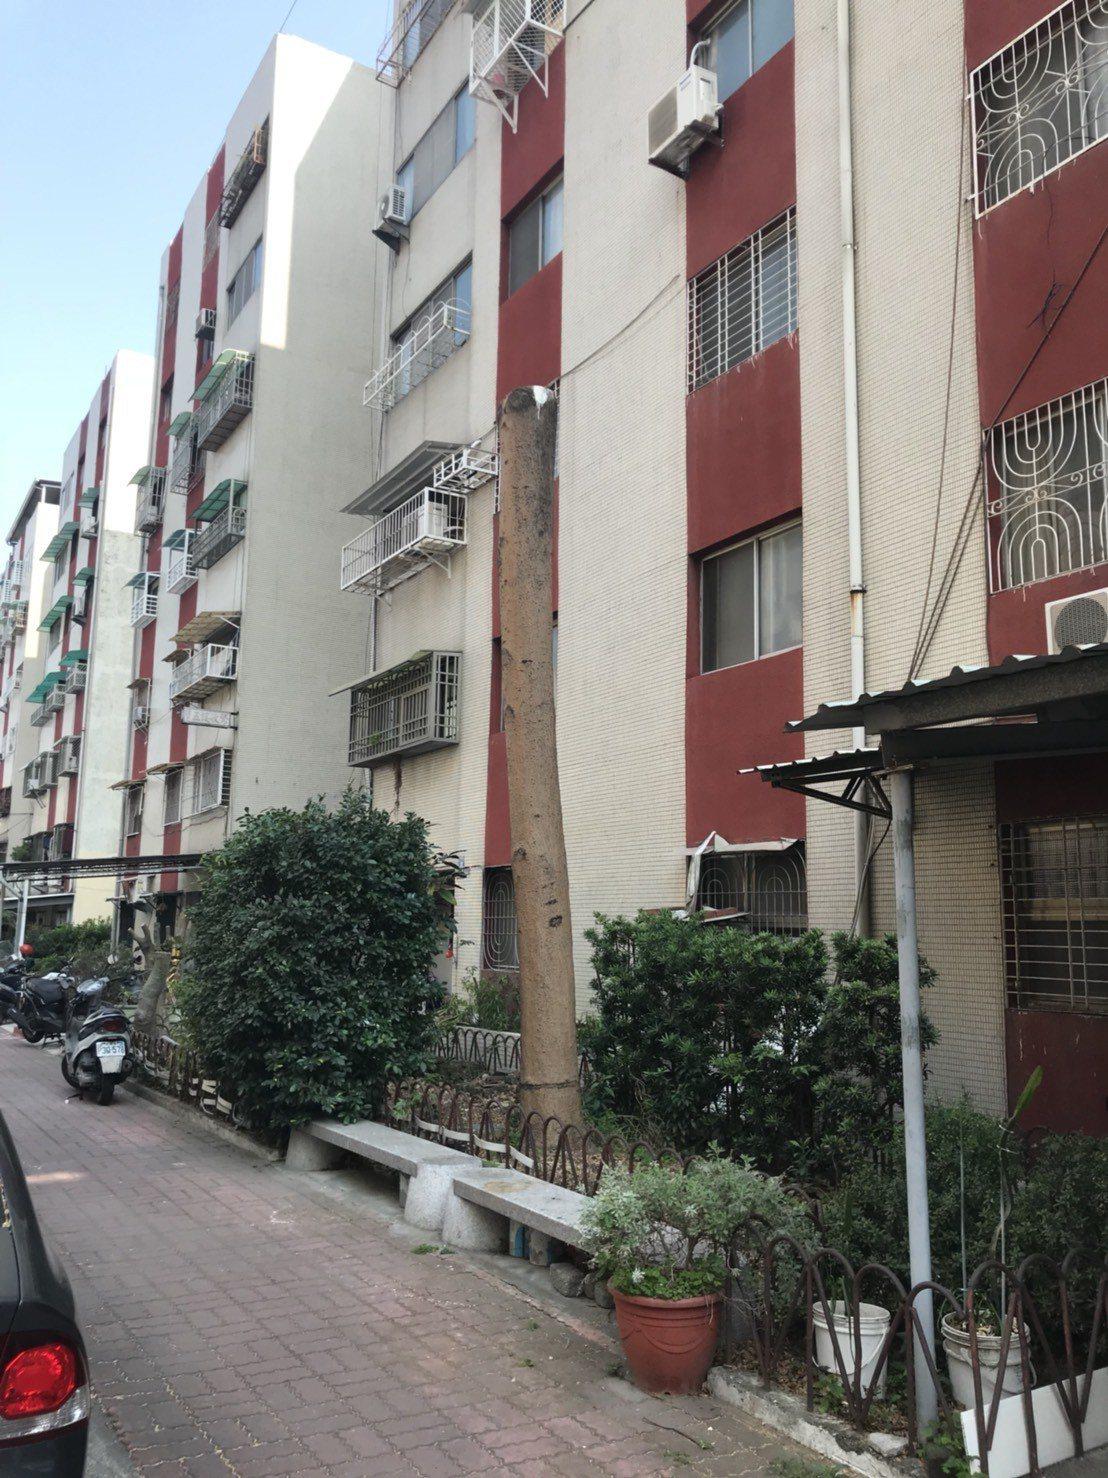 台南市東區衛國社區的路樹遭攔腰砍斷,居民意論紛紛 圖/取自網路